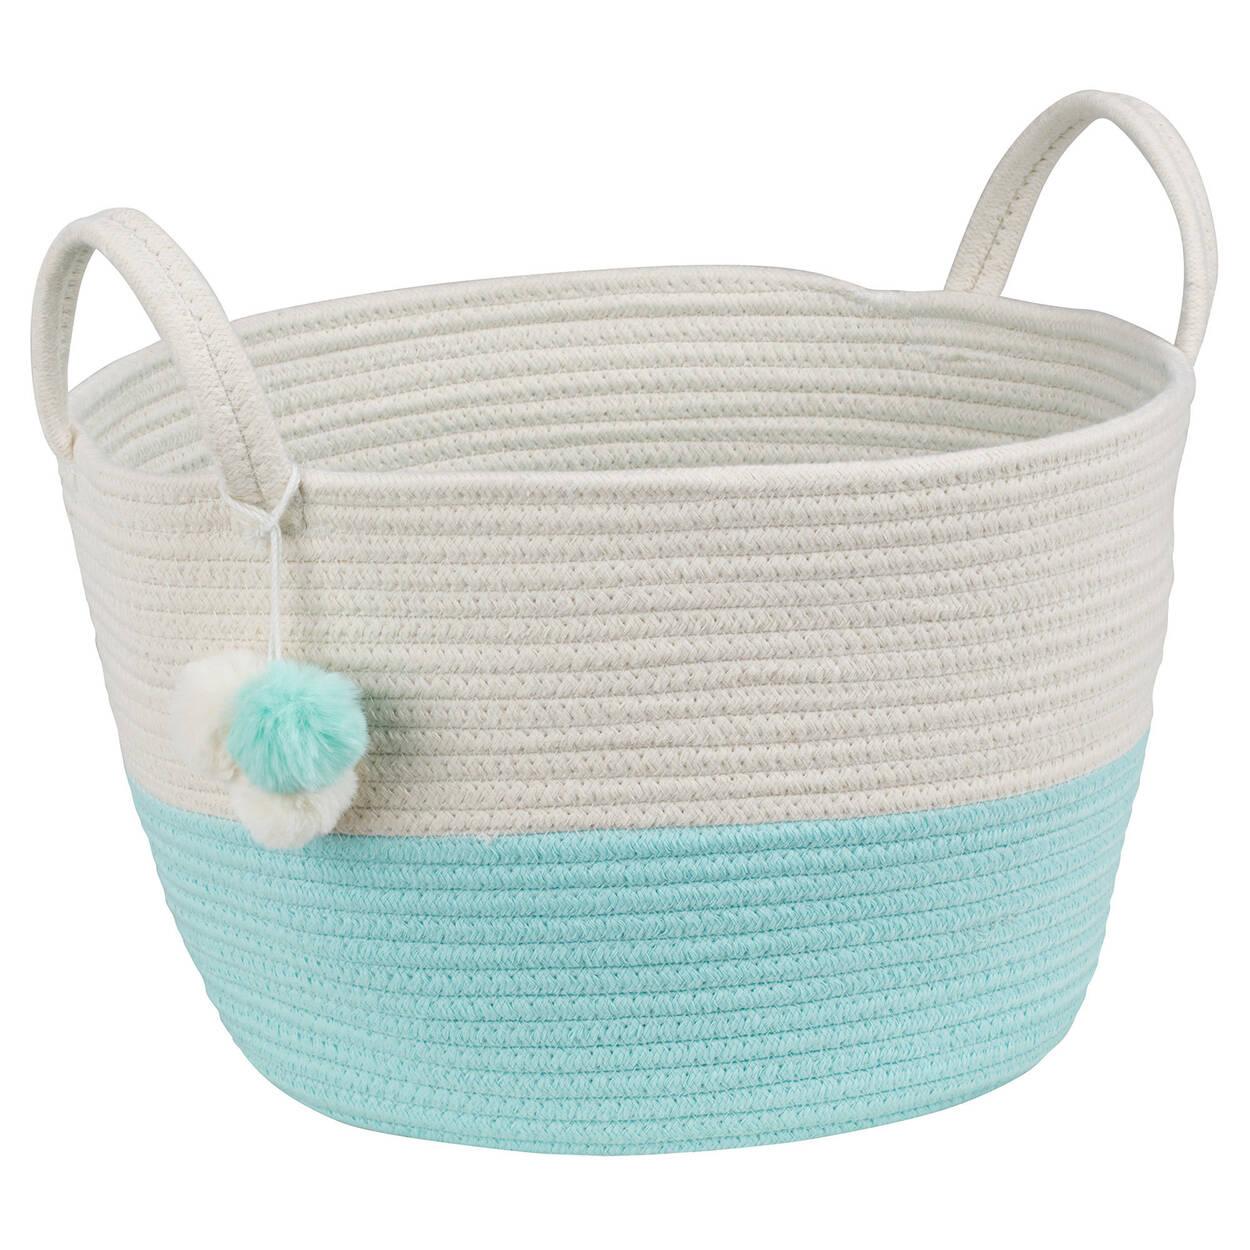 Two-Toned Storage Basket with Pom-Poms